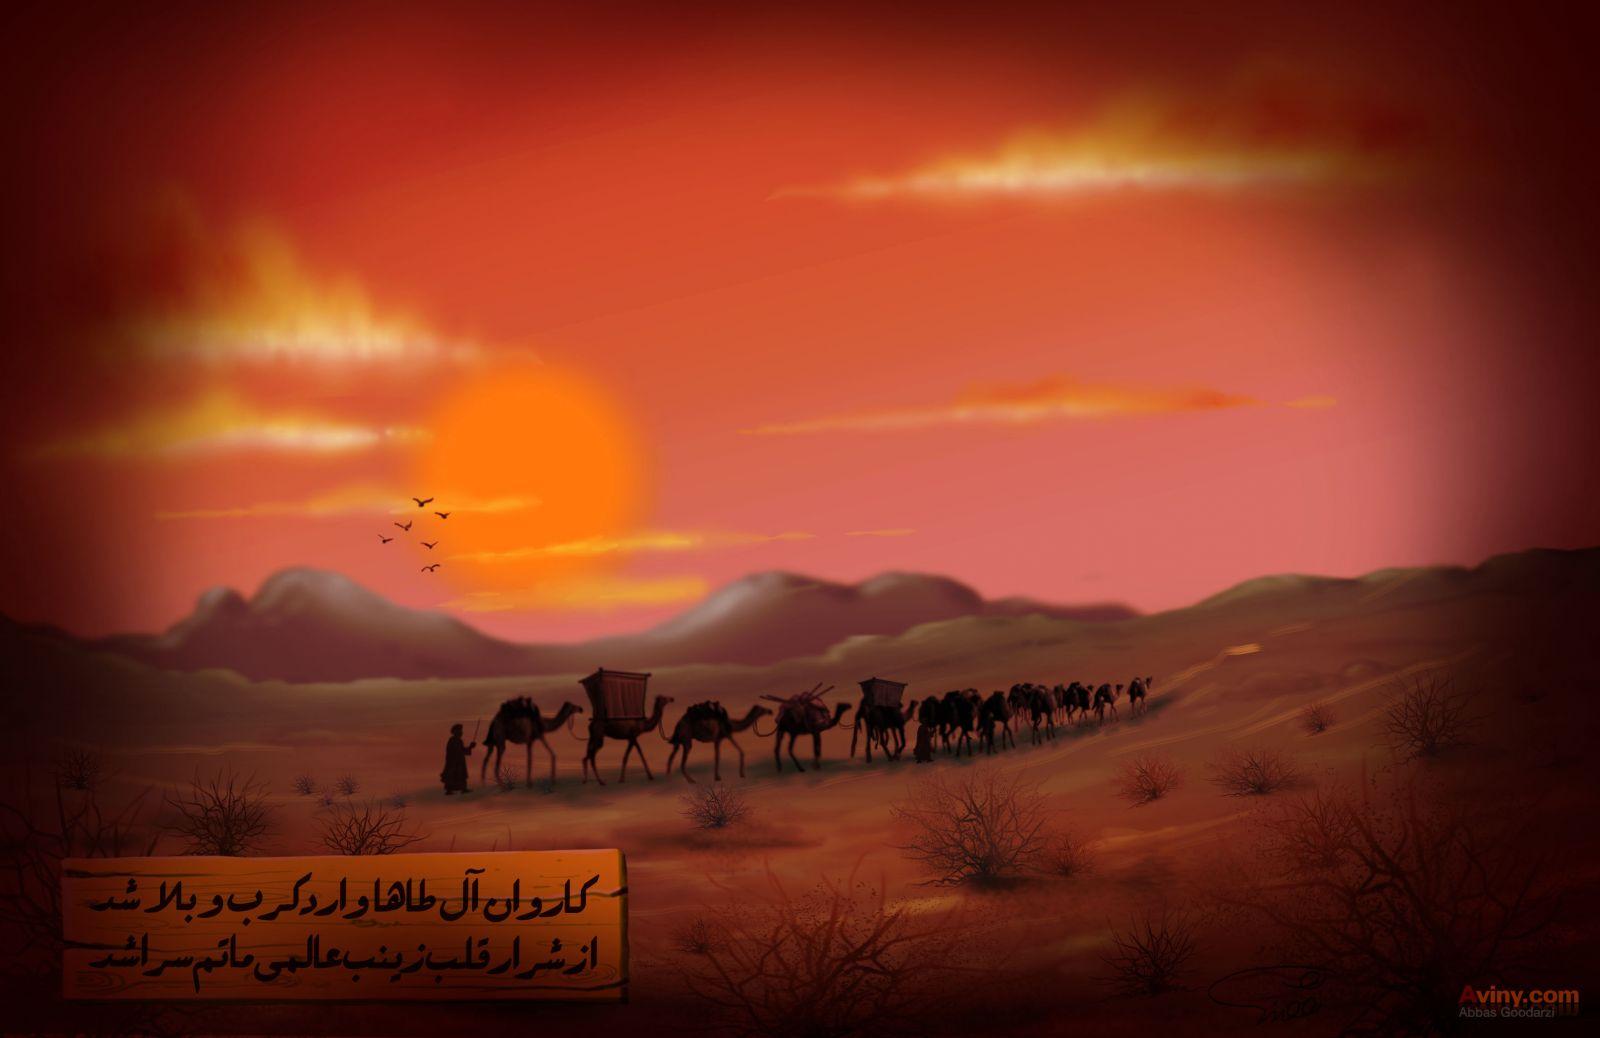 از ورود کاروان امام حسین (ع) به کربلا تا سرزمینی با ۷ نام و اسب هایی که دیگر تان رفتن نداشتند!+فیلم